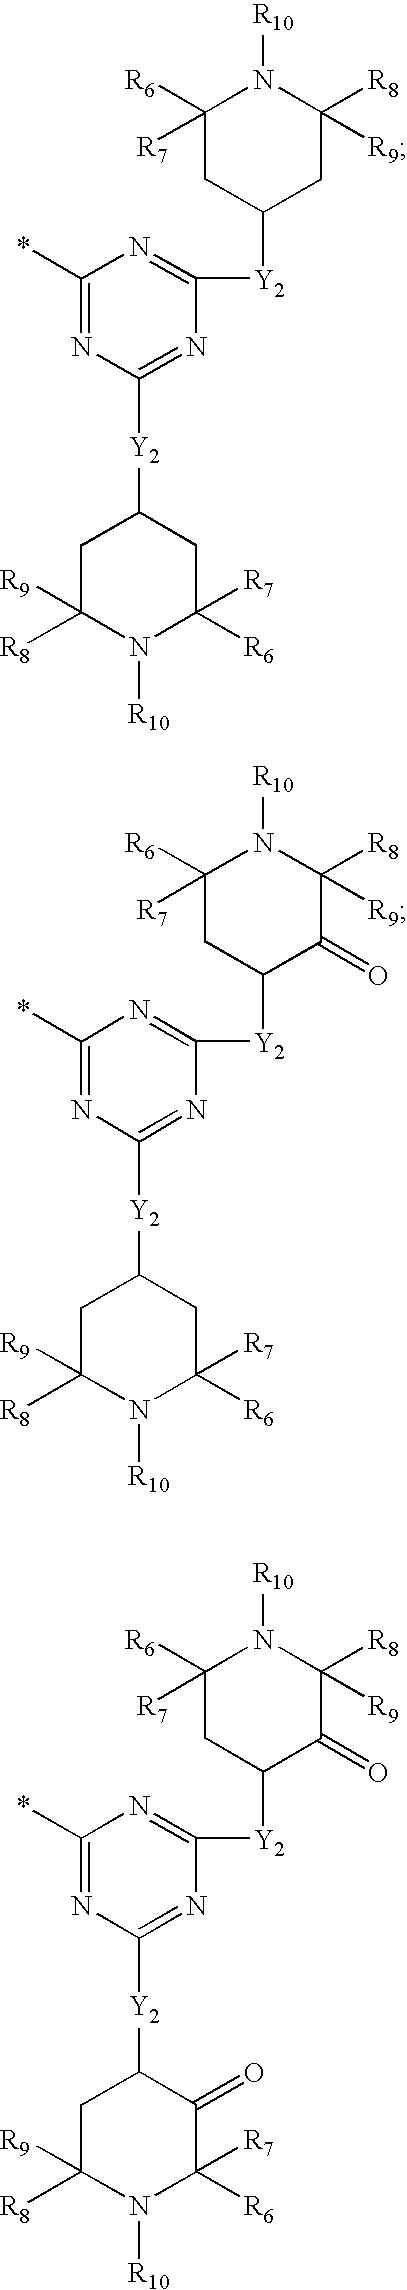 Figure US20040143041A1-20040722-C00052